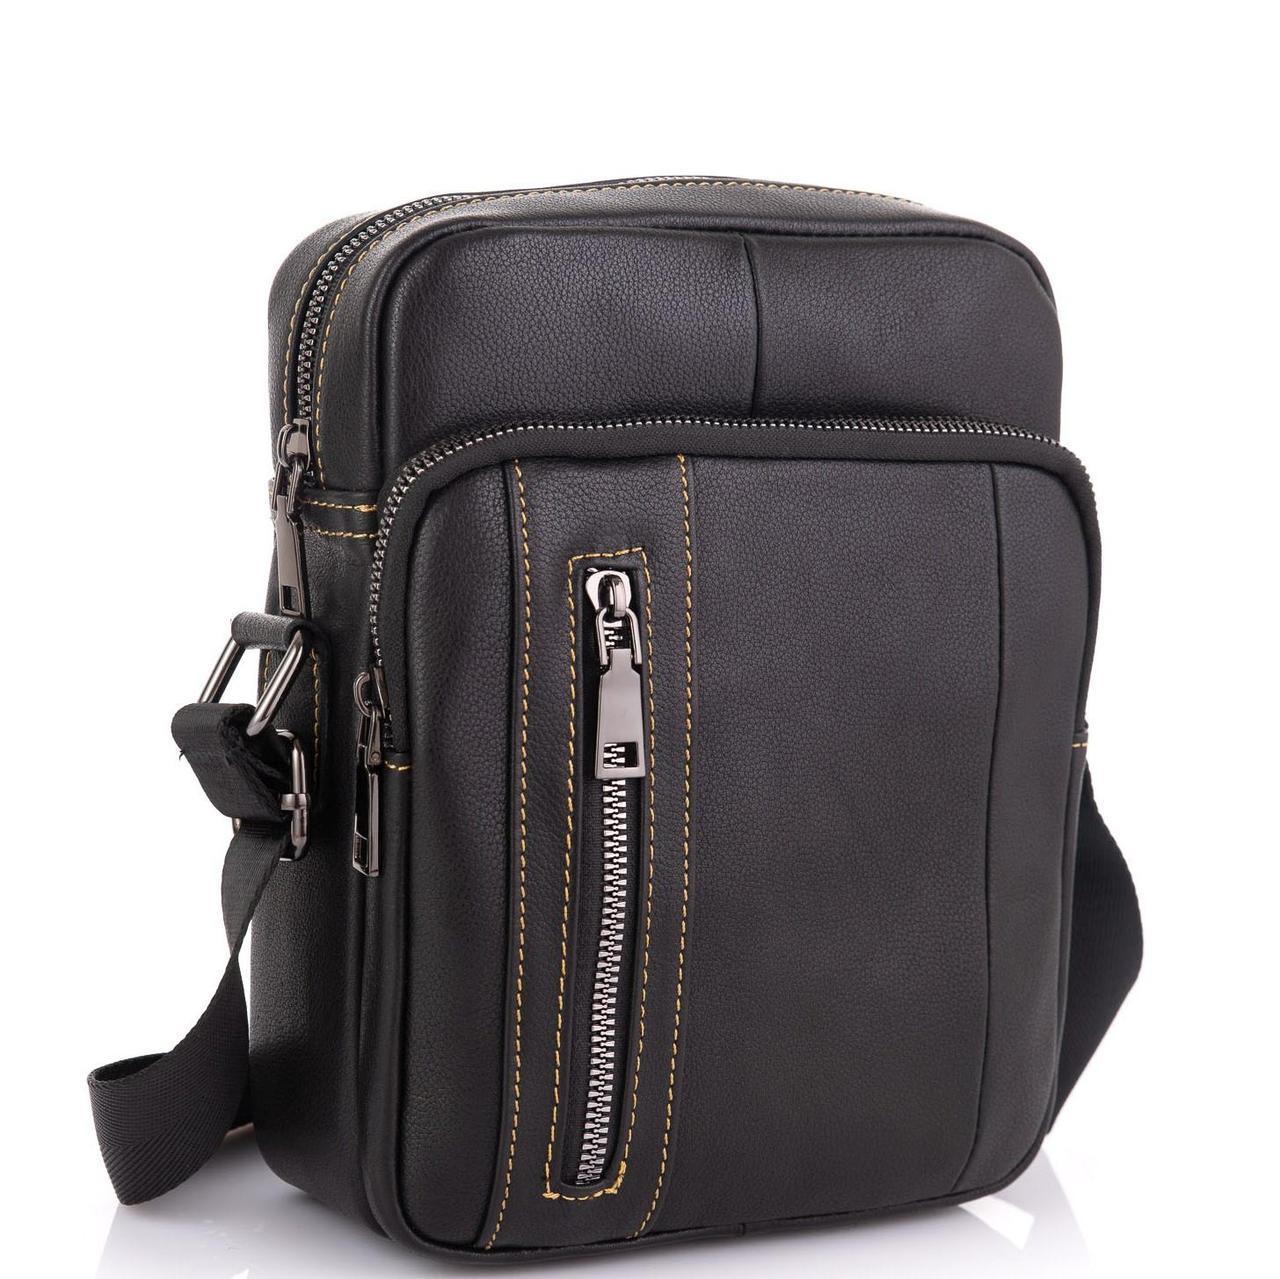 Мужская сумка через плечо из натуральной кожи Tiding Bag N2-9801A